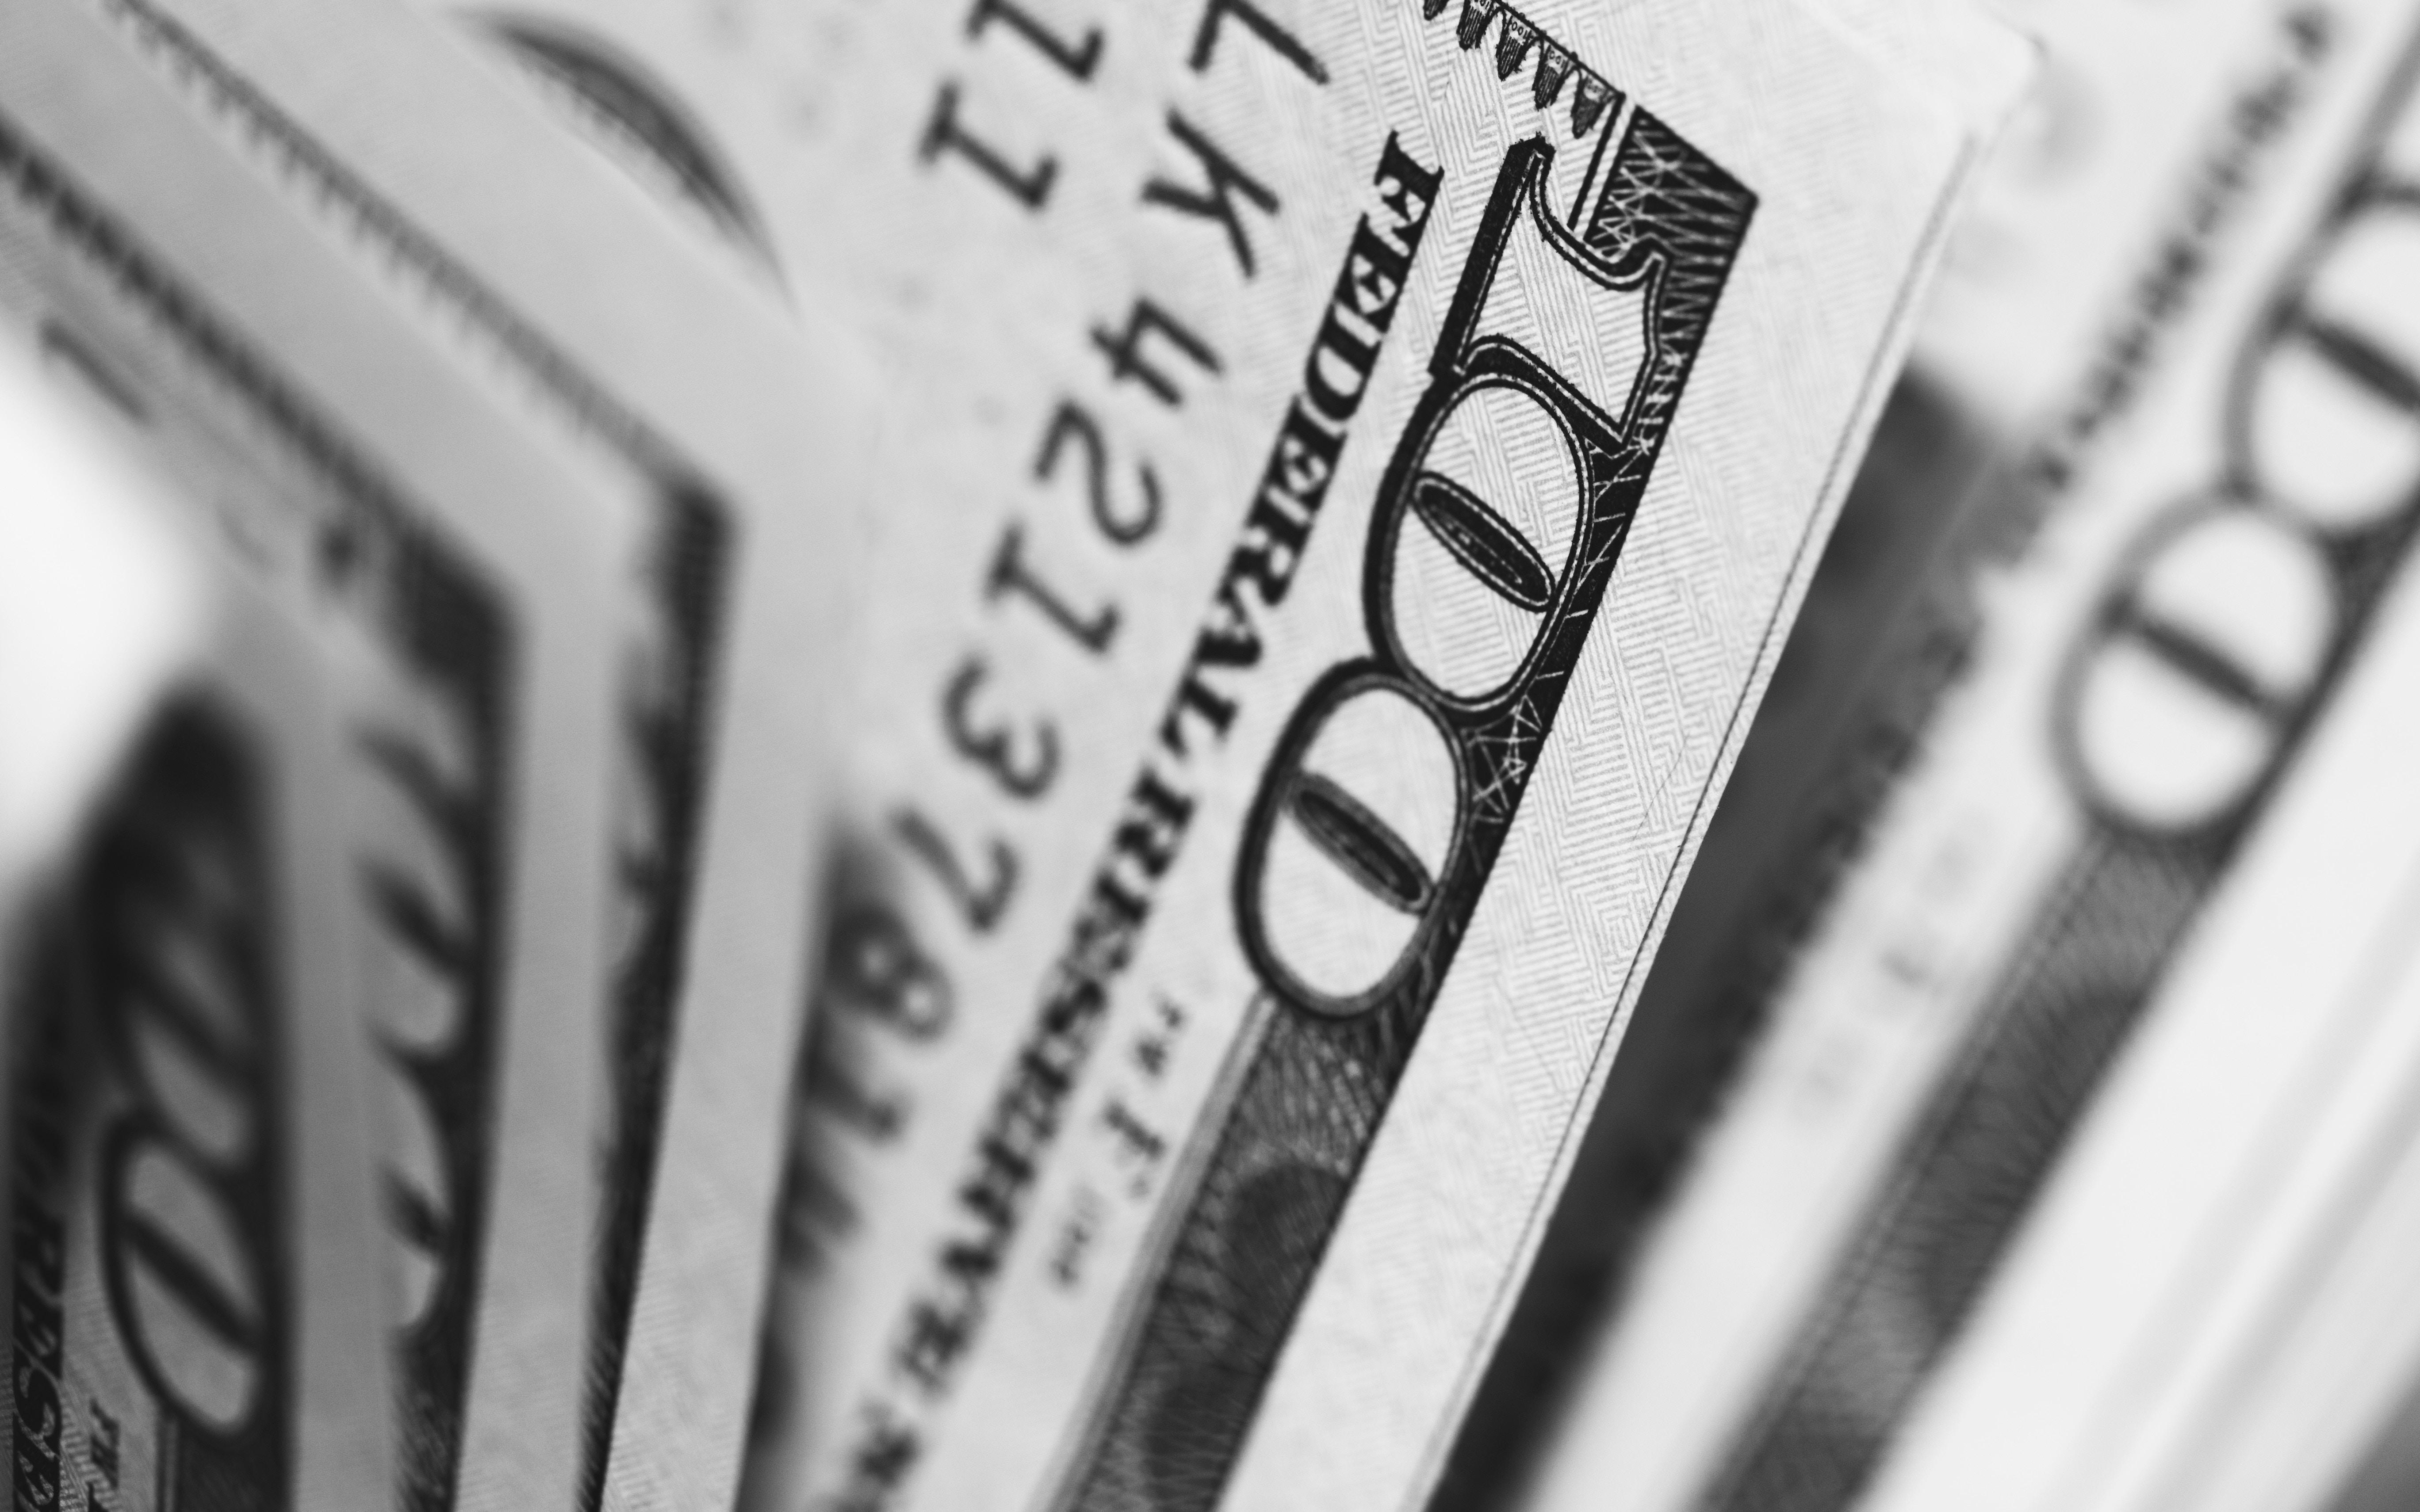 美国国籍在中国工作,收入如何缴税?